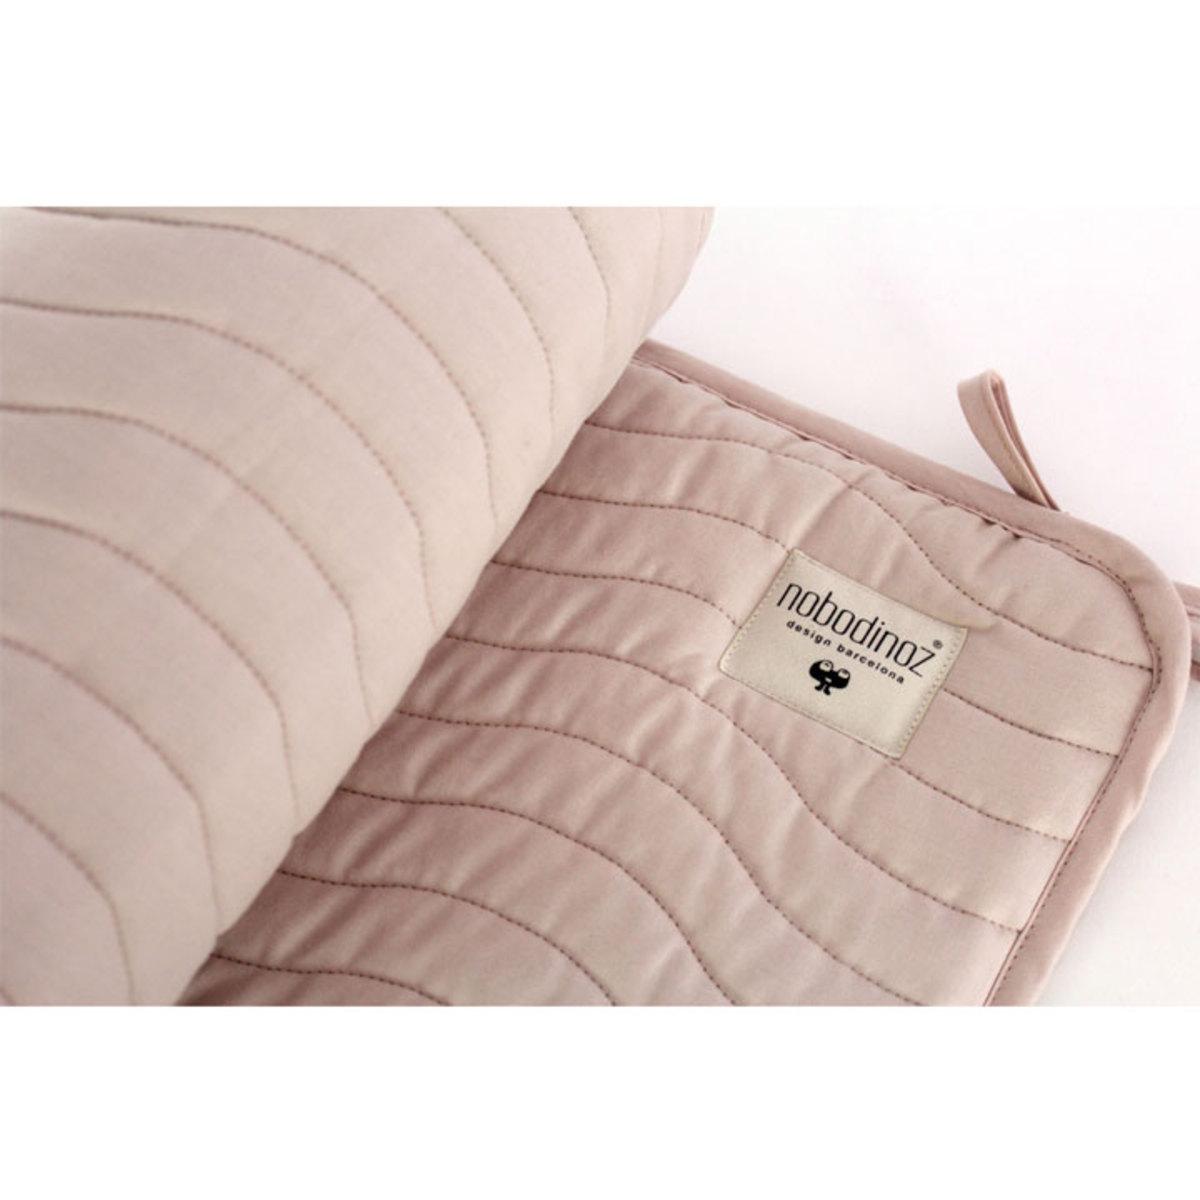 nobodinoz tour de lit alexandria pure line rose p tale linge de lit nobodinoz sur l 39 armoire. Black Bedroom Furniture Sets. Home Design Ideas